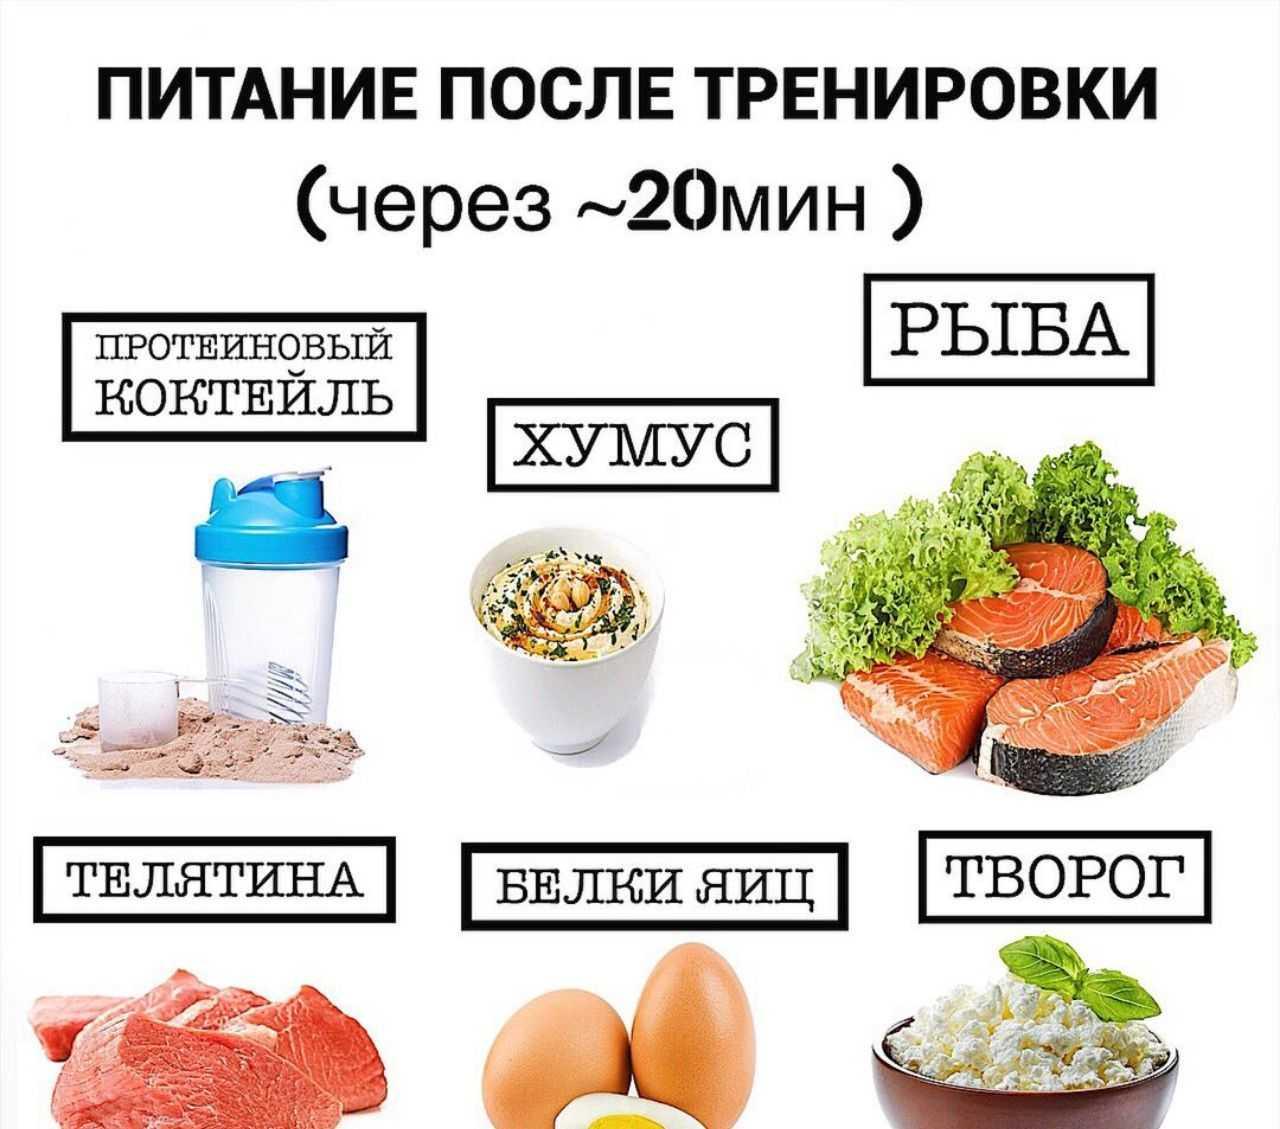 Что можно съесть до и после тренировки Питание ло и после тренировок